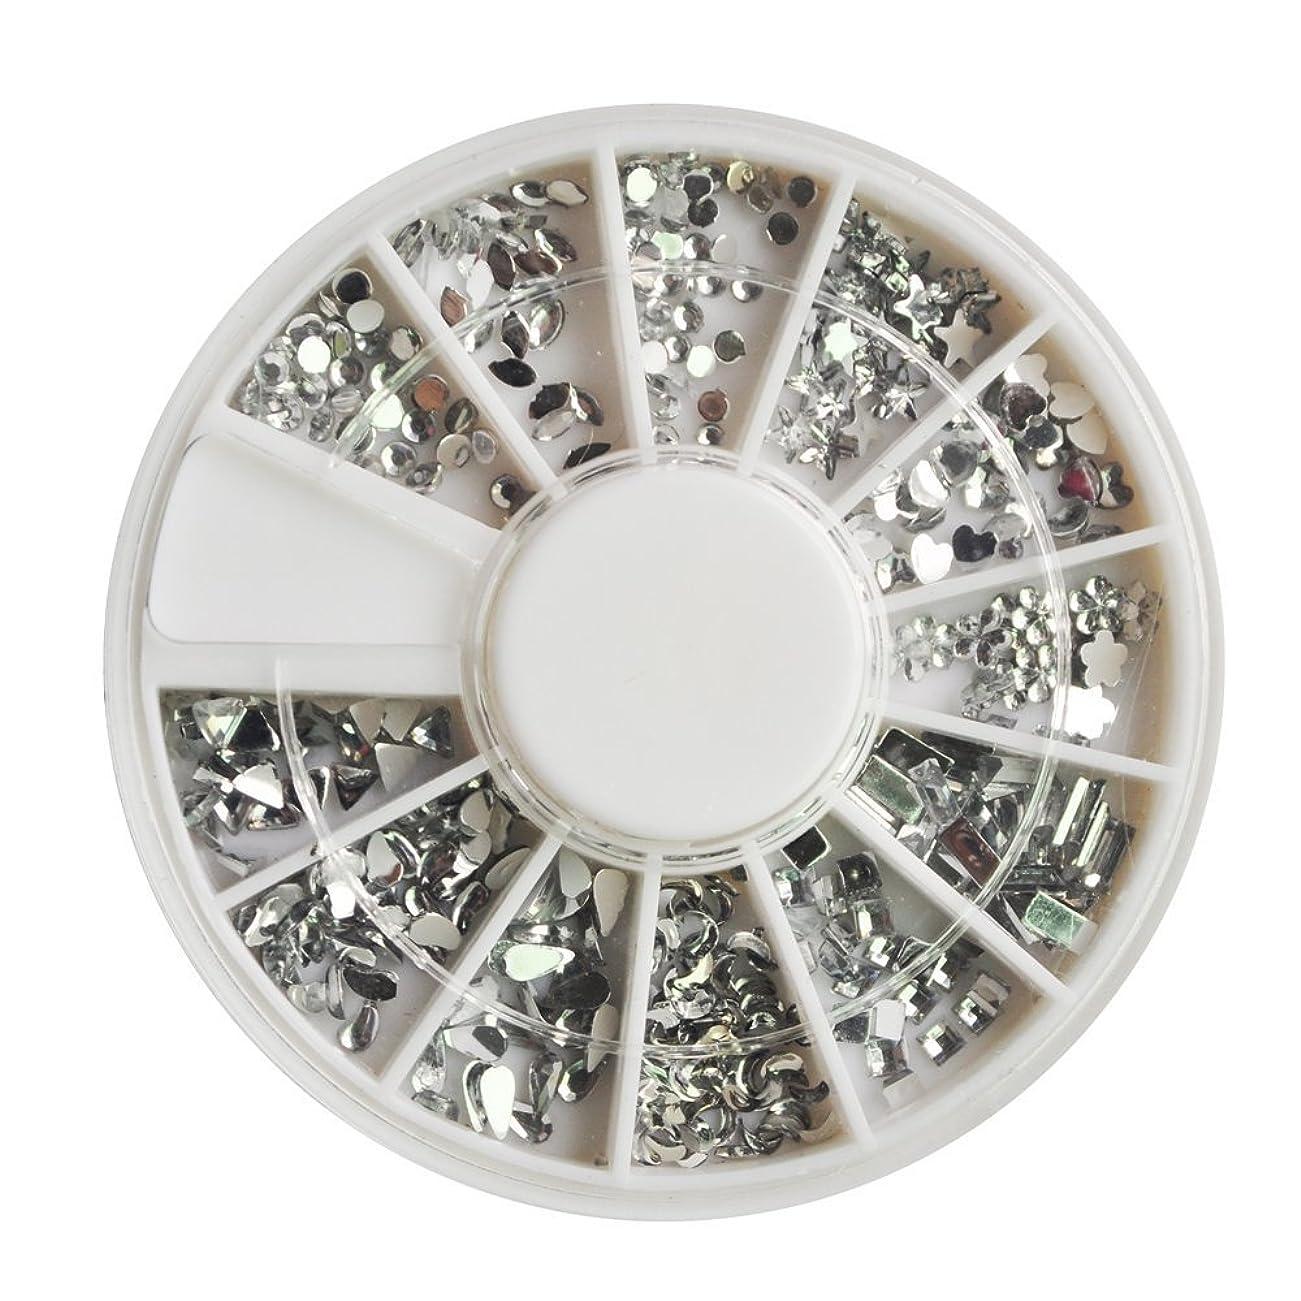 承認する不実合わせてSODIAL(R) 12個さまざまな形や大きさ、女性の爪、楽しさと美しさがあるのアクセサリー1200クリスタルプレミアム品質の宝石のネイルアートシルバームーンストーンパックトップコートや爪の接着剤で適用が容易